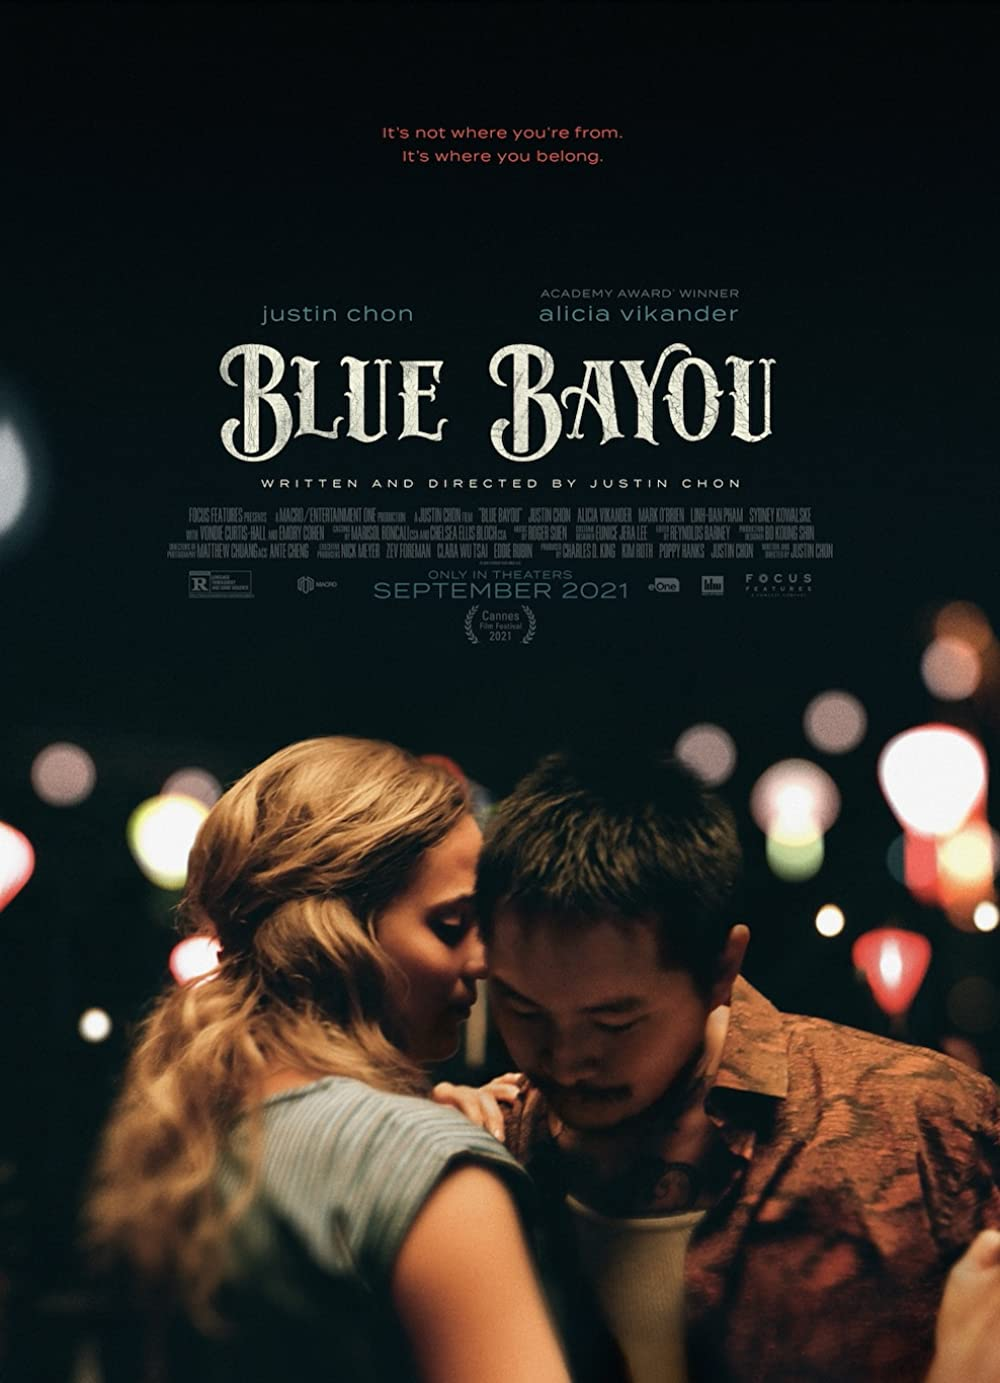 Download Filme Blue Bayou Qualidade Hd